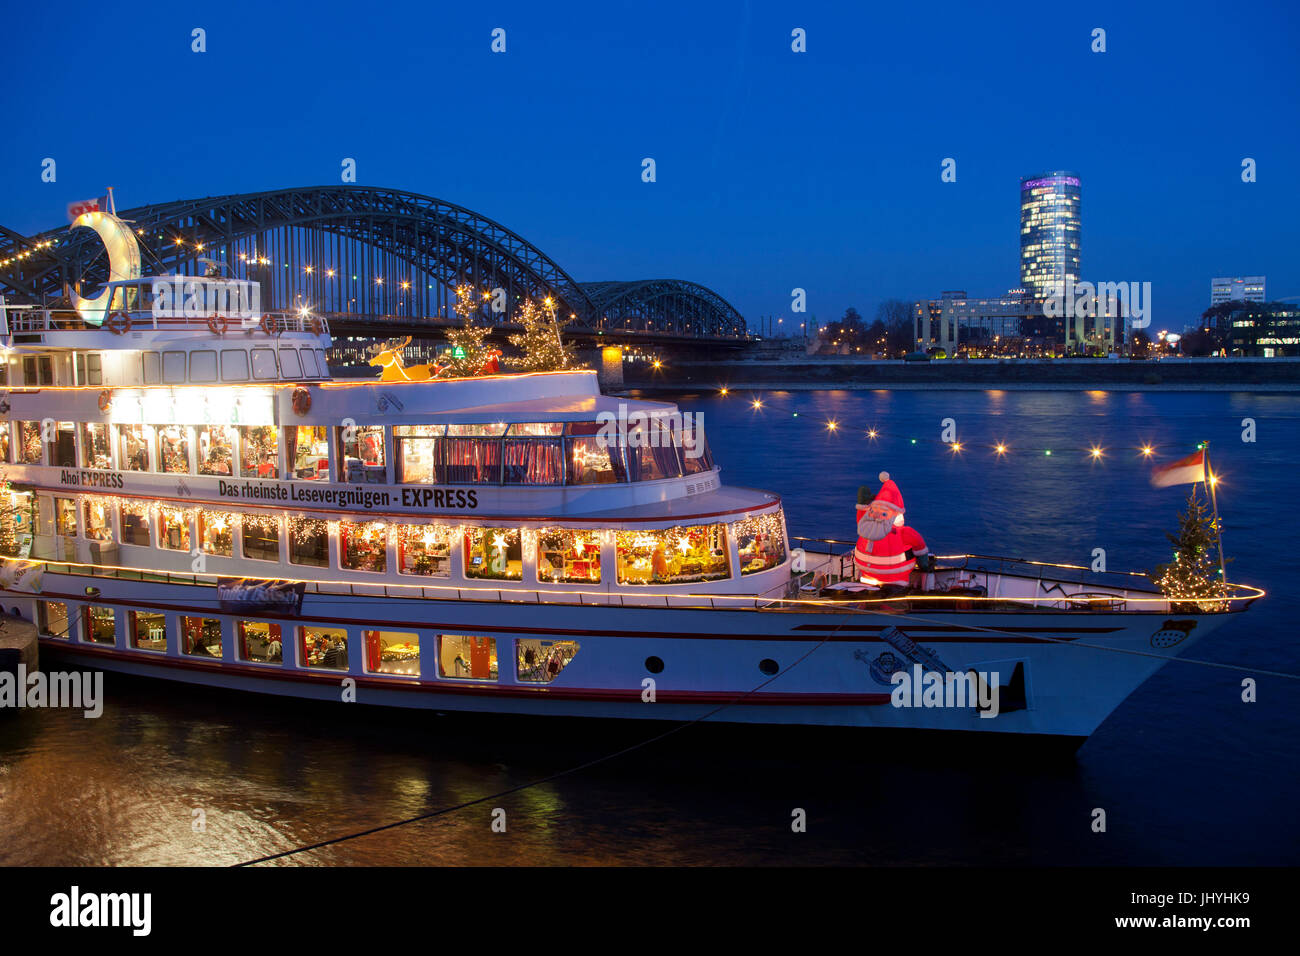 Europa, Deutschland, Köln, ein Weihnachten Messe auf einem Schiff ...